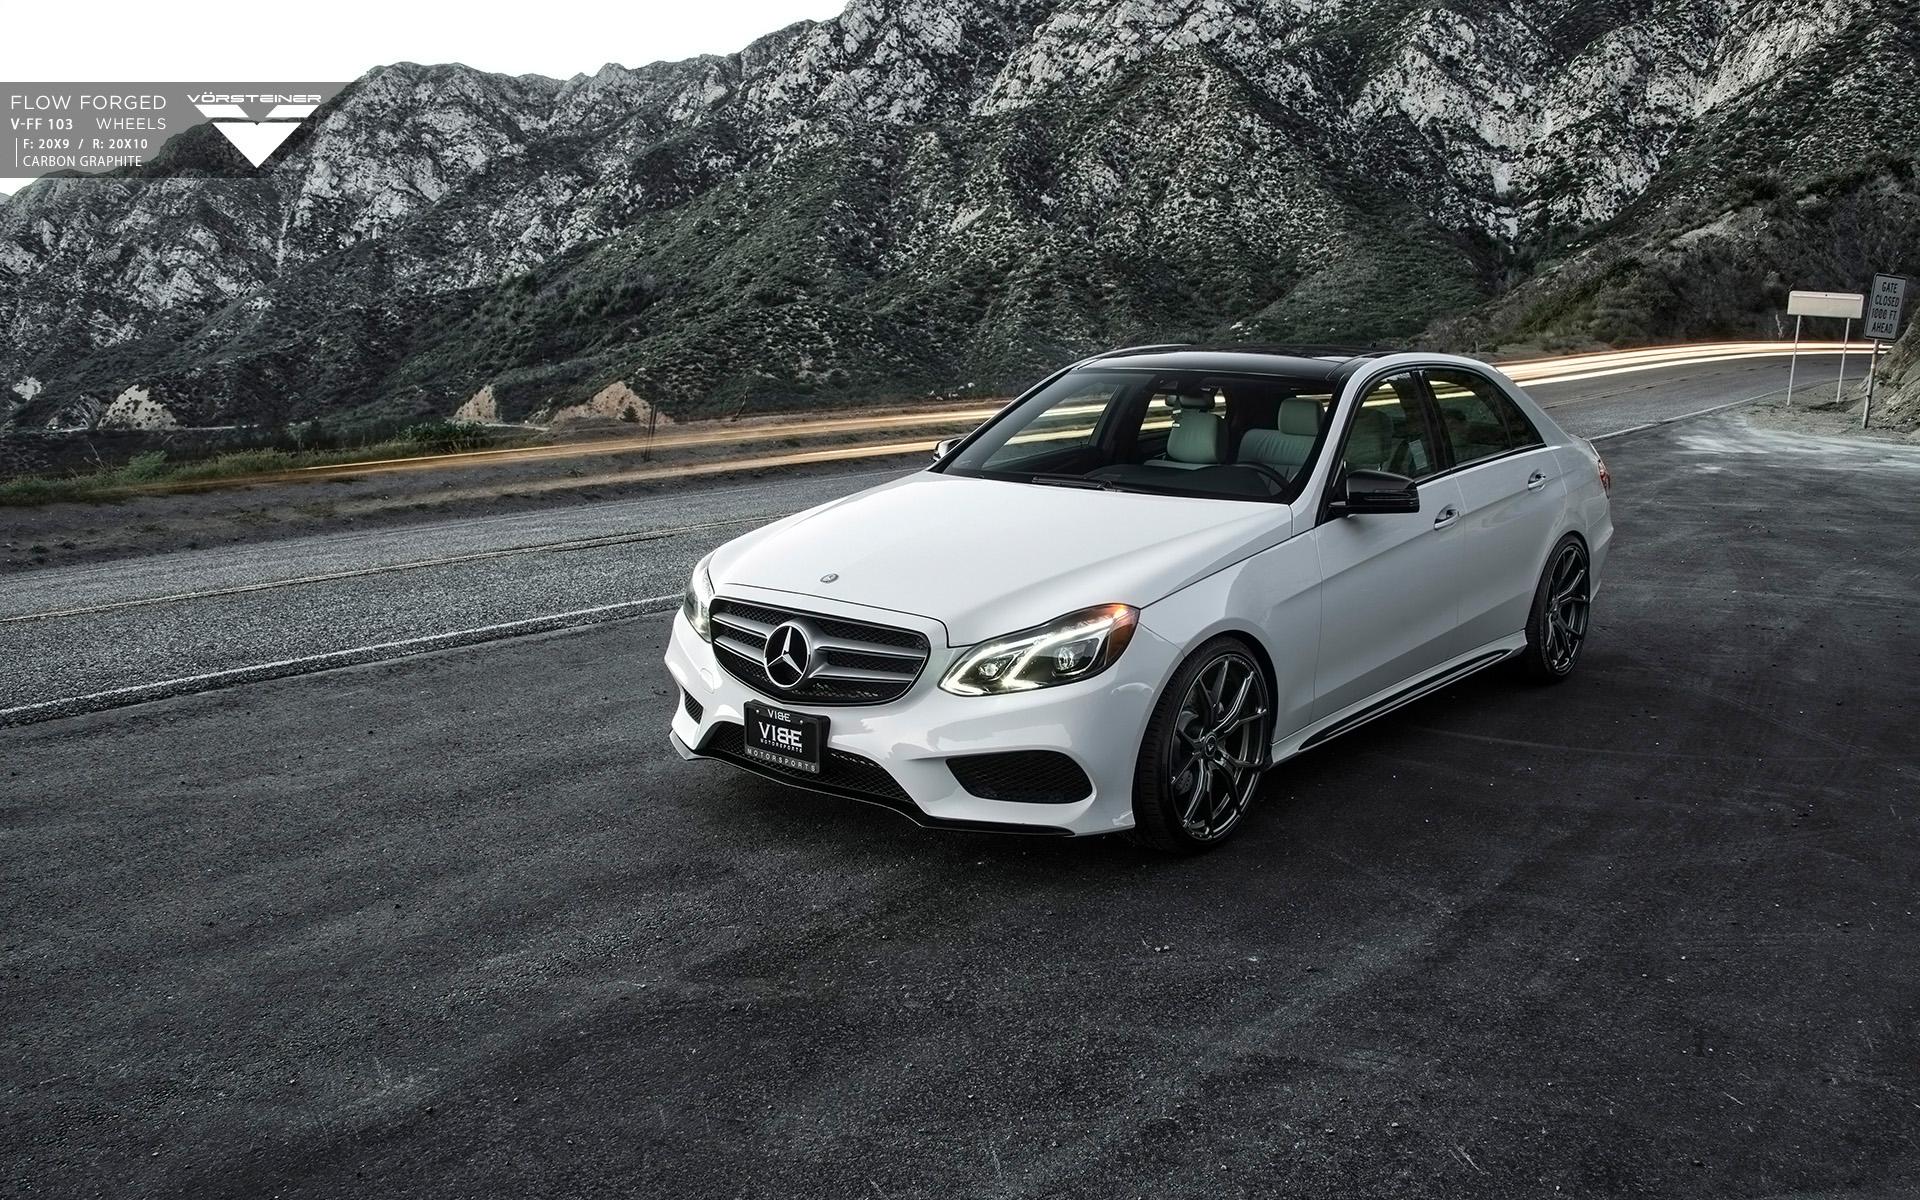 2015 vorsteiner mercedes benz e class wallpaper hd car for Mercedes benz 2015 e class